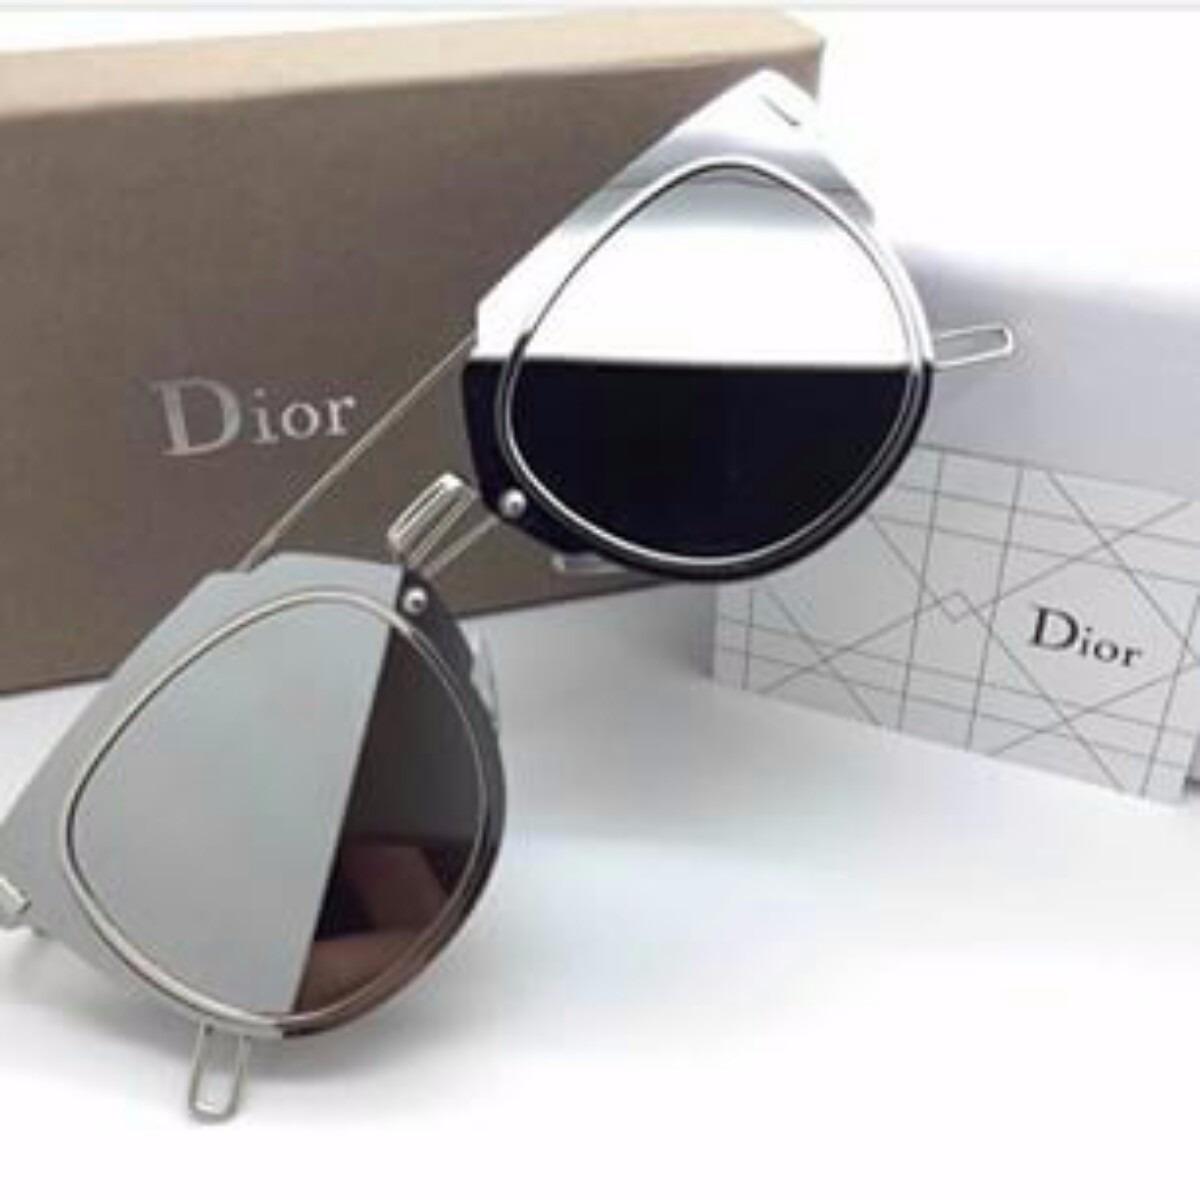 19682a37401f7 Marca De Oculos Dior